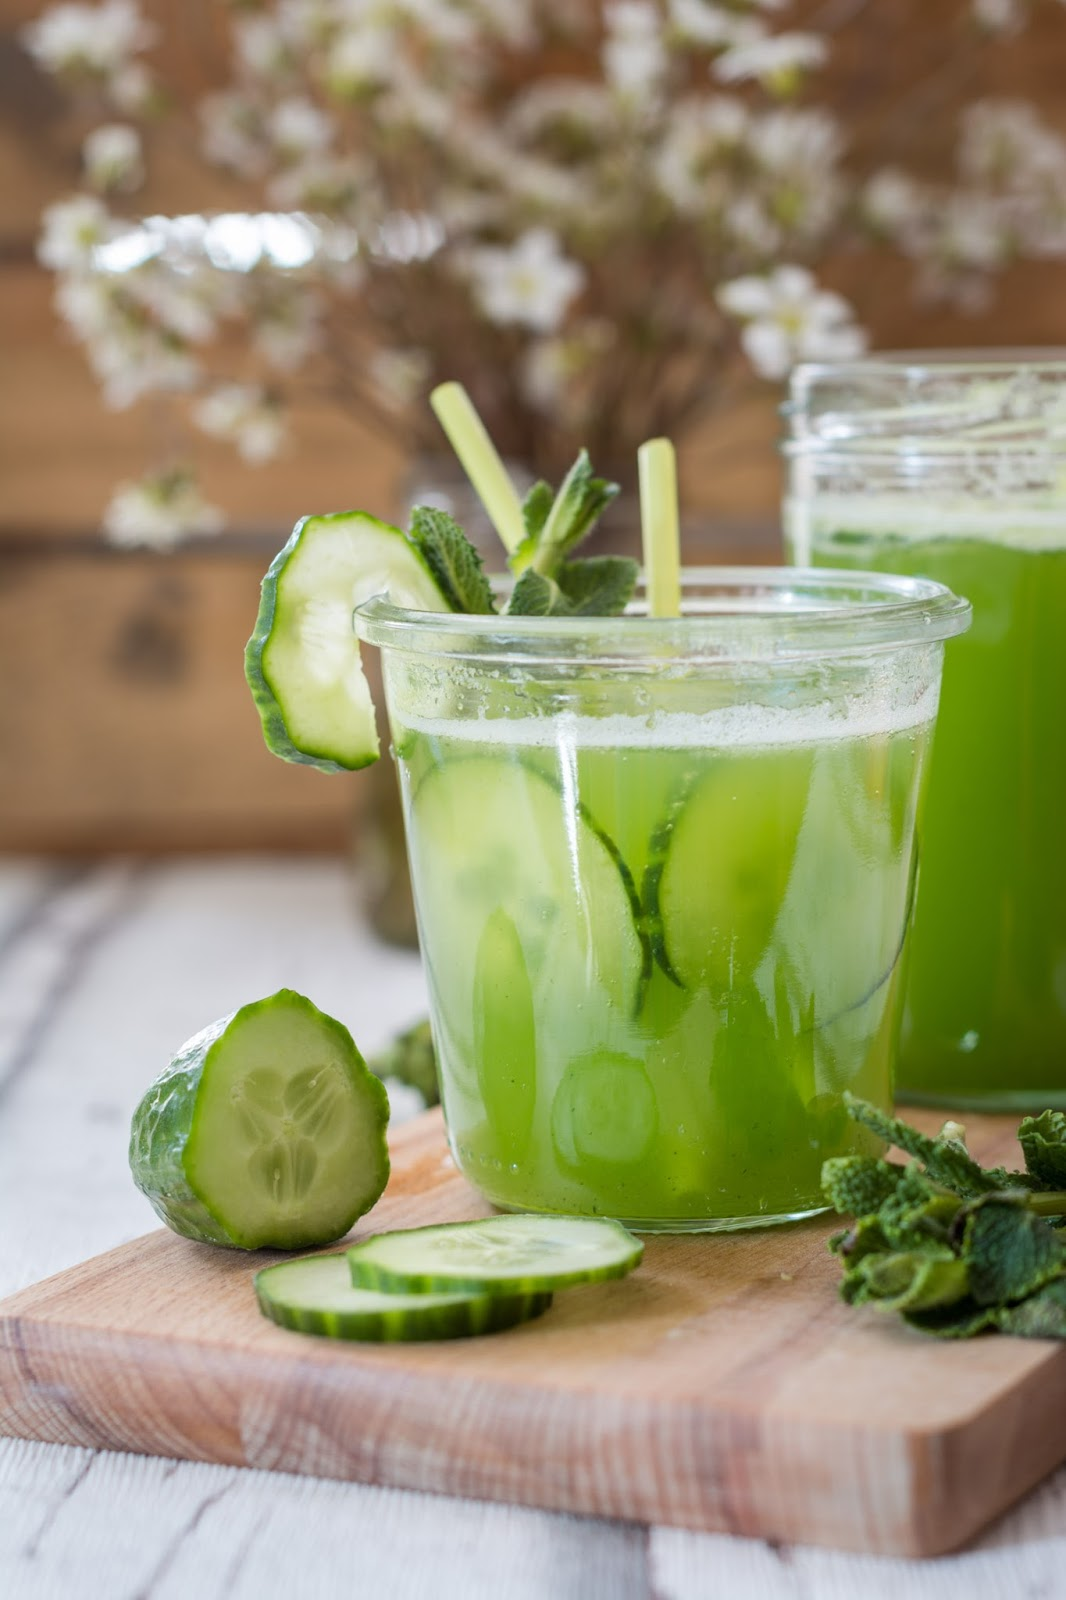 Gurkenlimo Gurkenlimonade Limonade mit Minze und Gurke